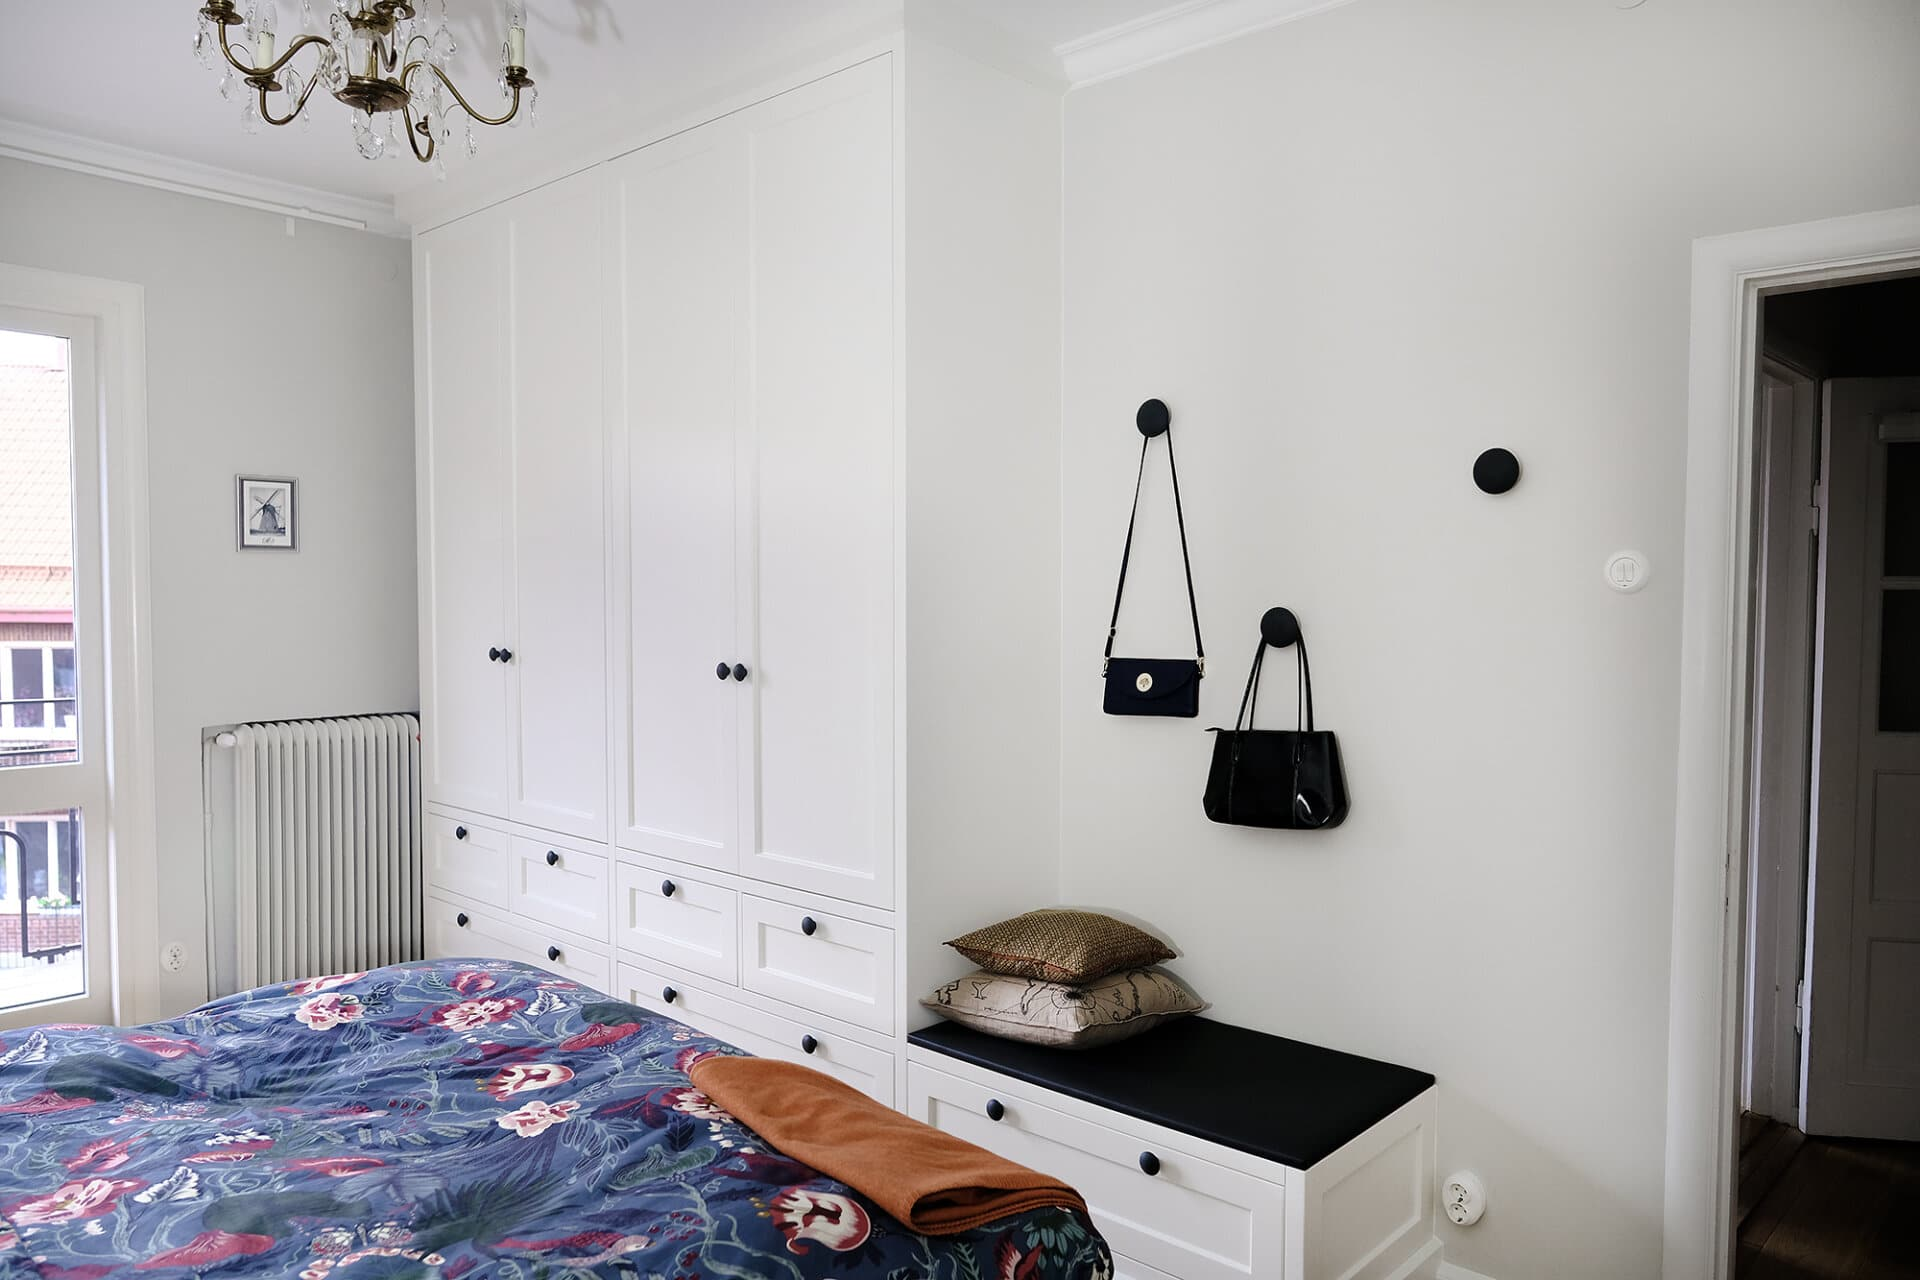 Knoppar svarta dots hänga väskor golv till tak garderob takanslutning garderob Nedre Johanneberg Sekelskifte